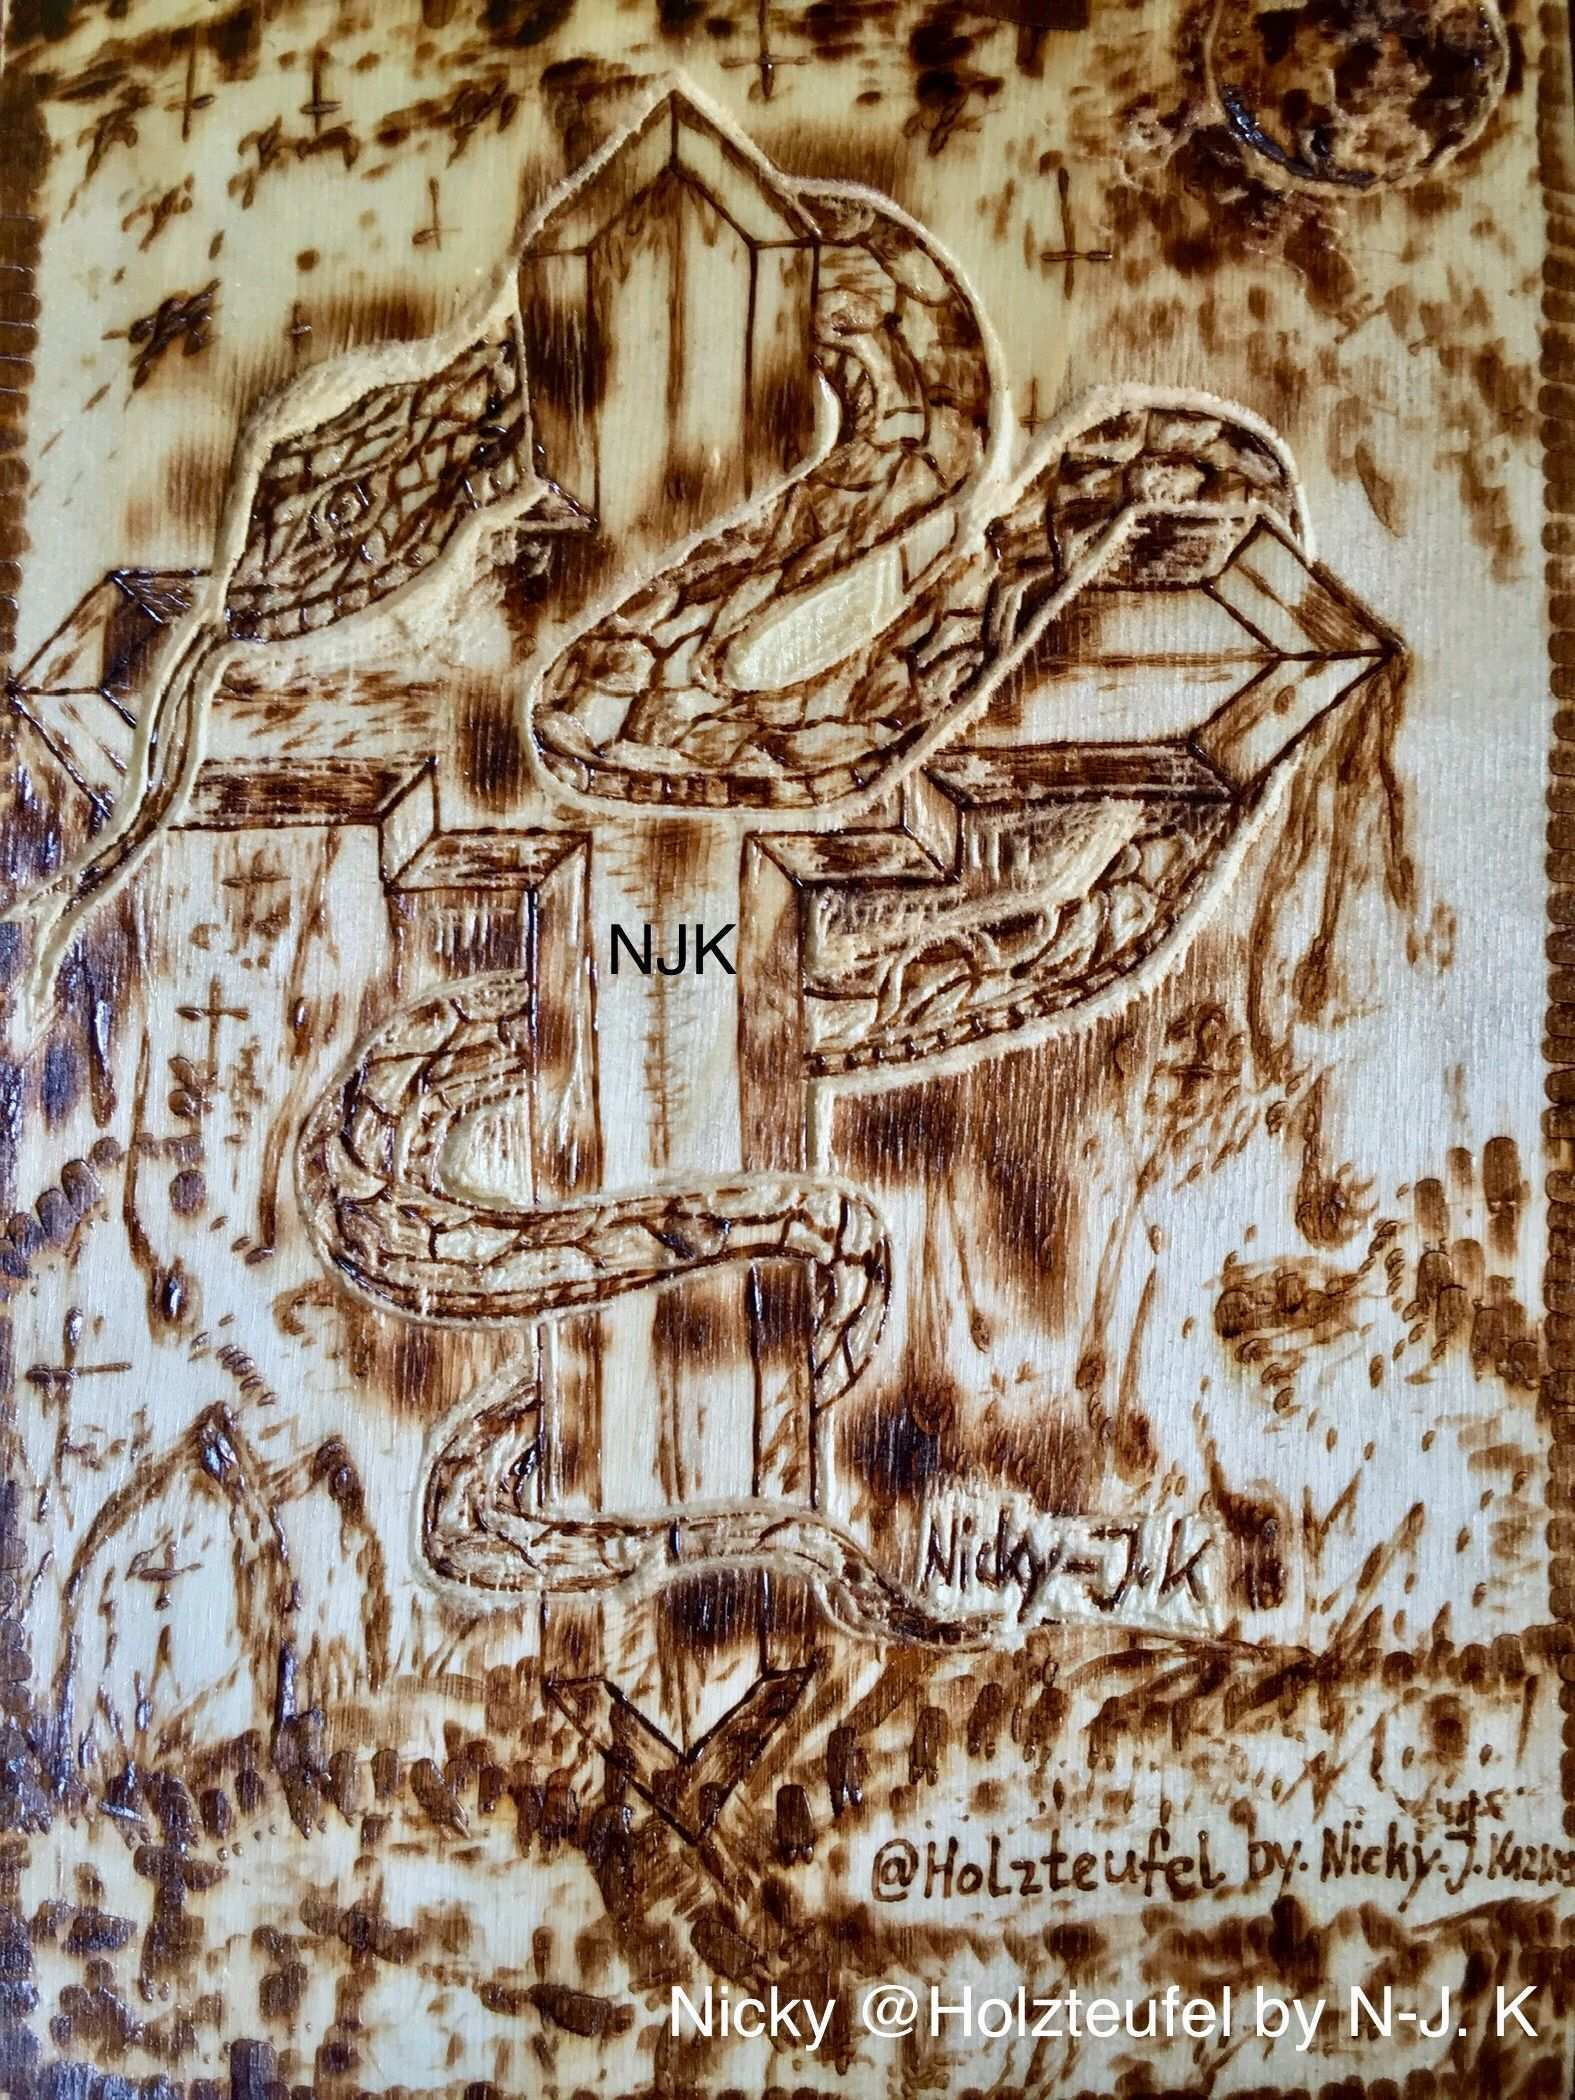 Kreuz Schlange Mond Brandmalerei Nicky Holzteufel By N J K Zeichnung Kunst Bild Holz 3d Frasen 3d Zeichnen Zeichnung Brandmalerei